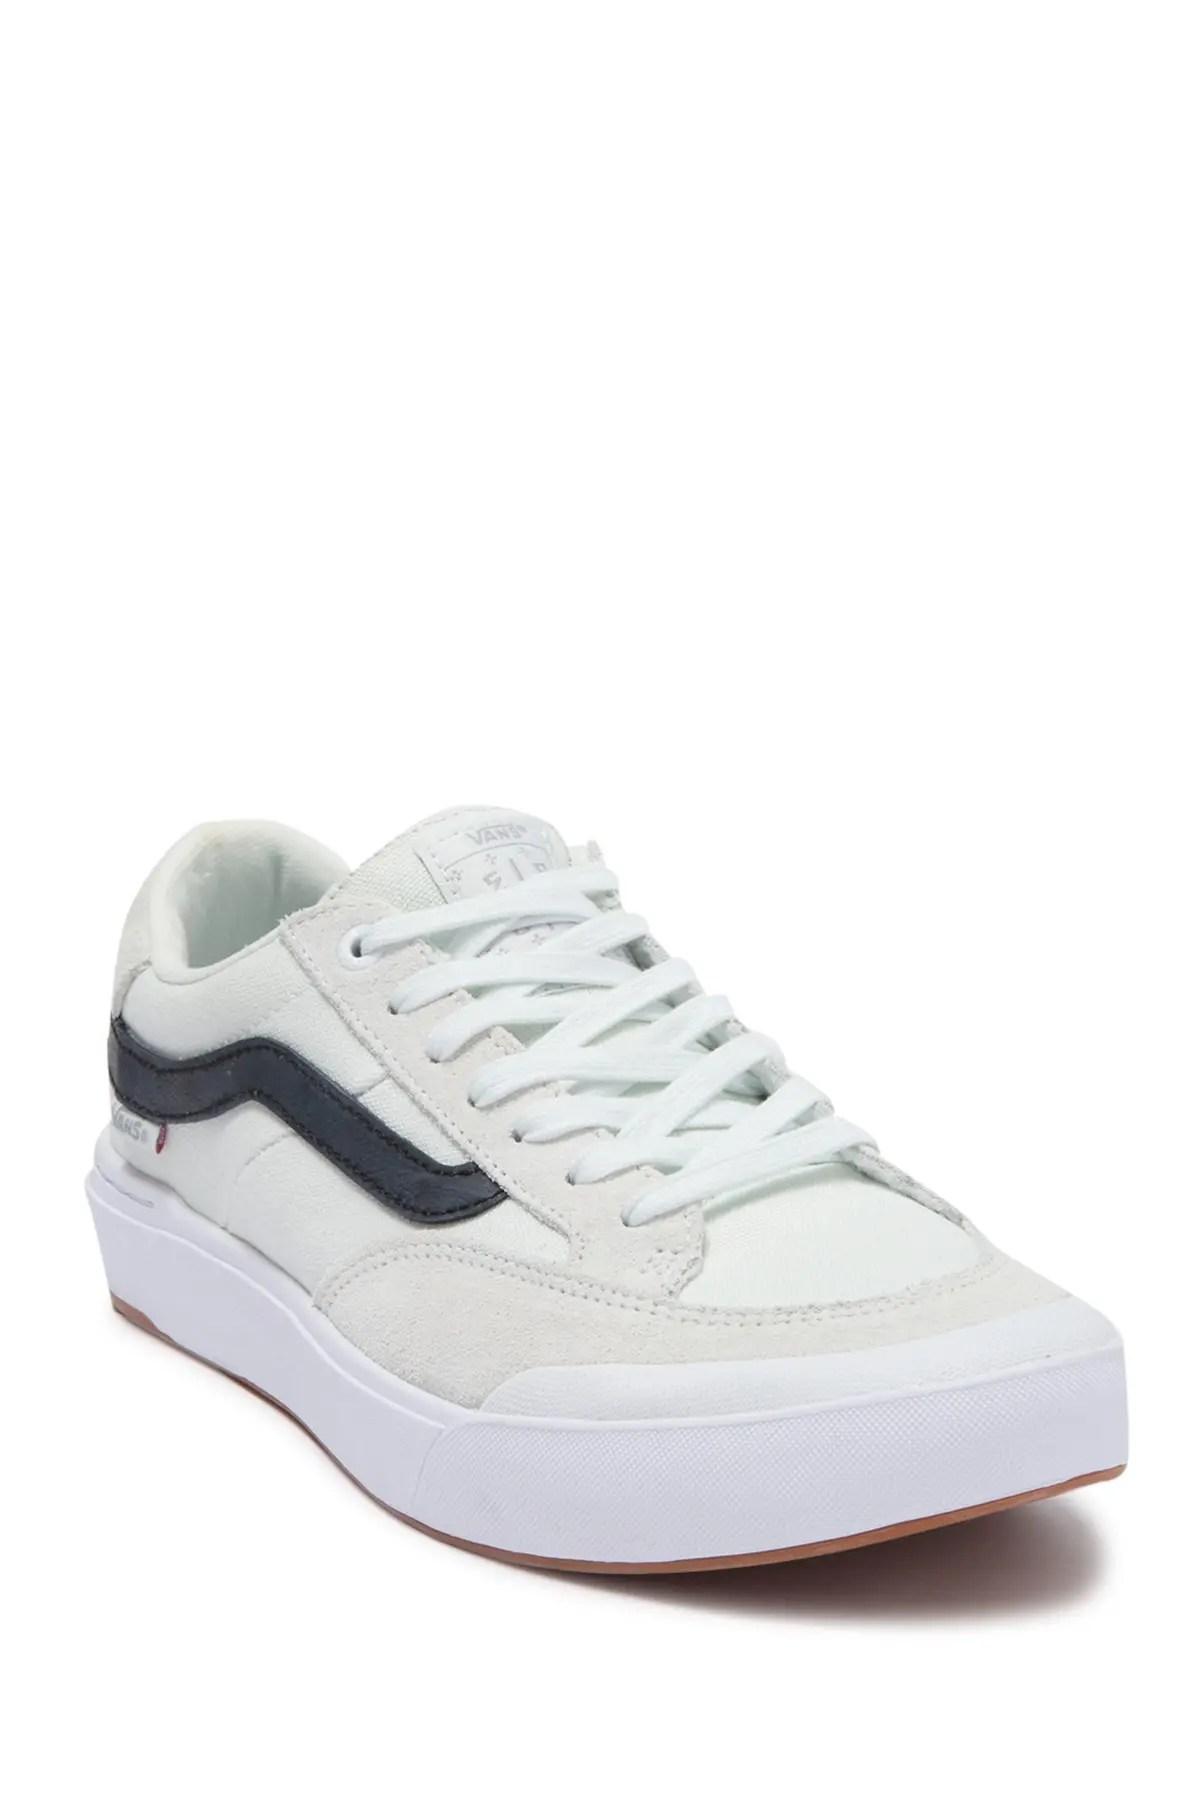 nordstrom rack vans shoes online